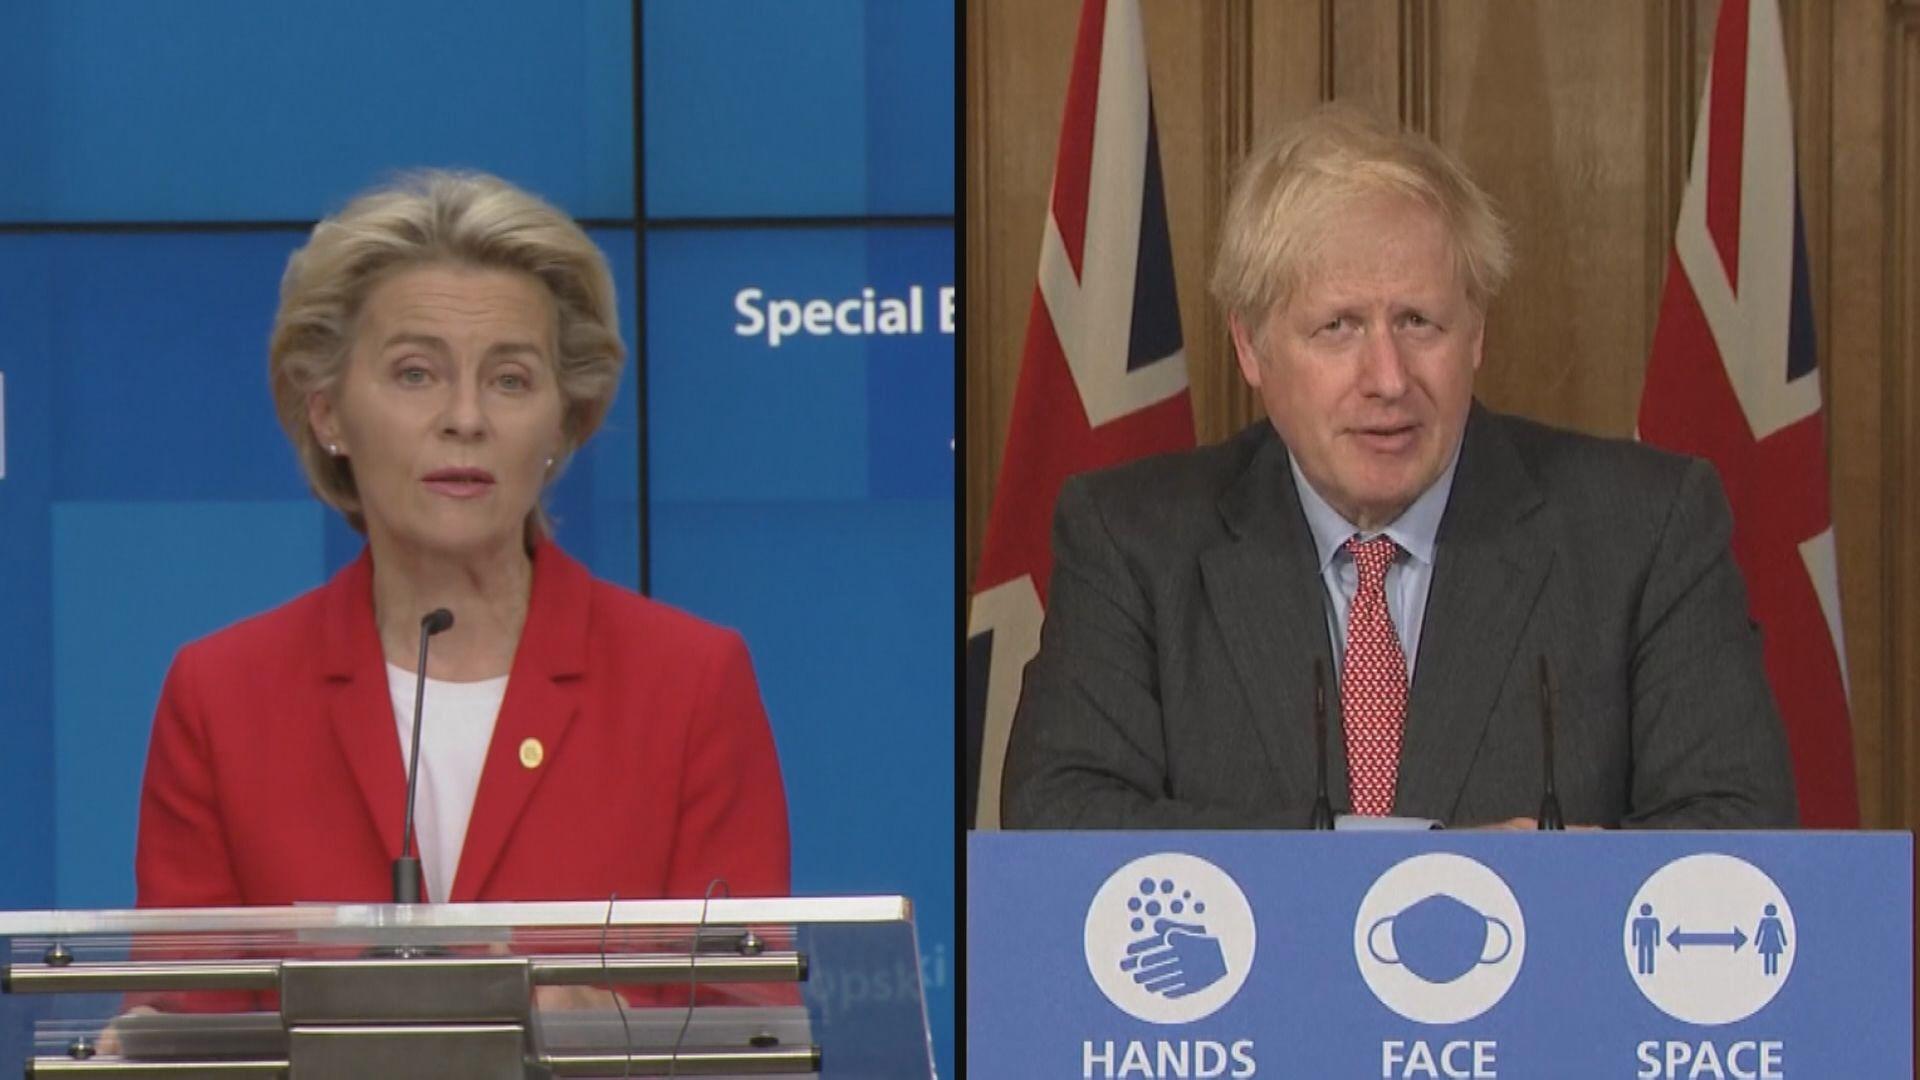 約翰遜與馮德萊恩商討英國脫歐後貿易安排